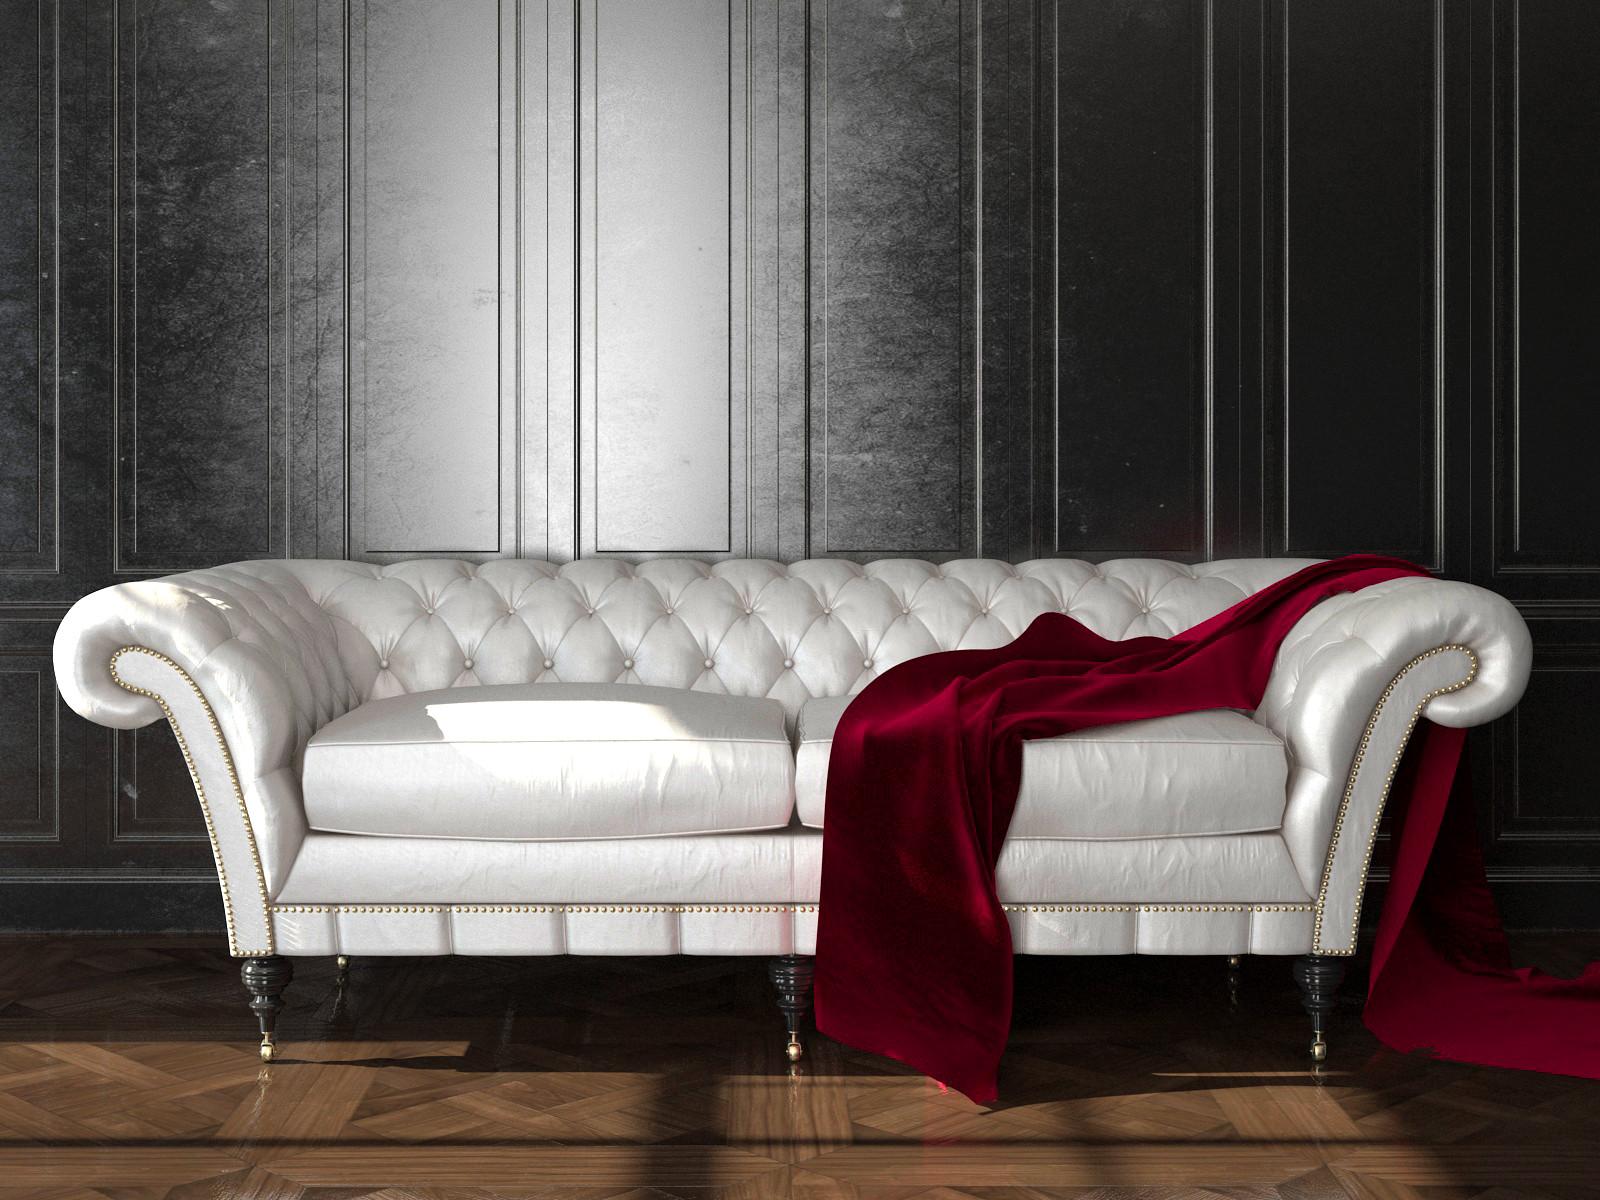 sofa 01.jpg